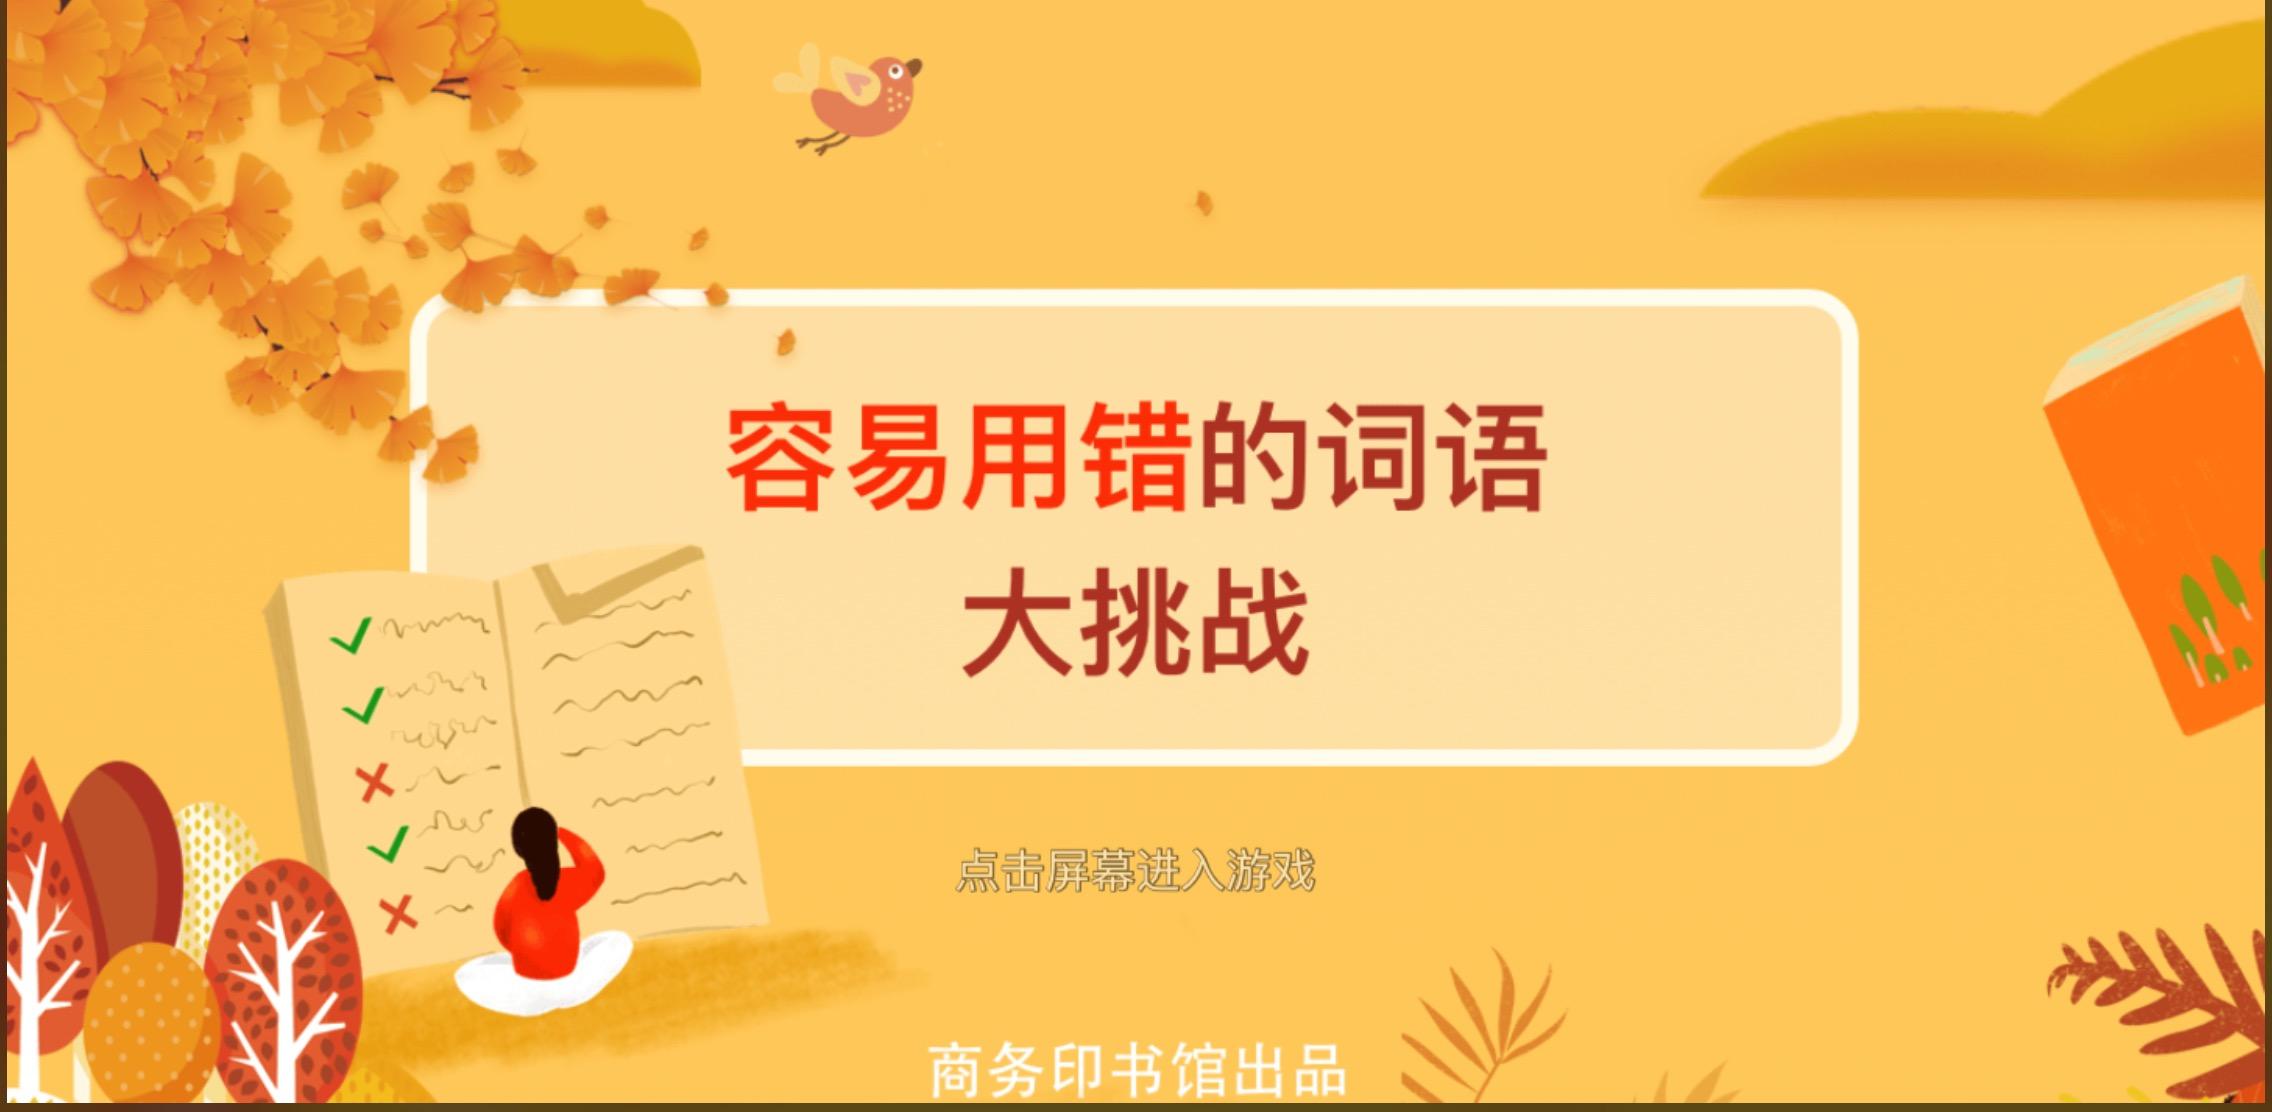 《现汉》APP引领融媒辞书新时代-出版人杂志官网